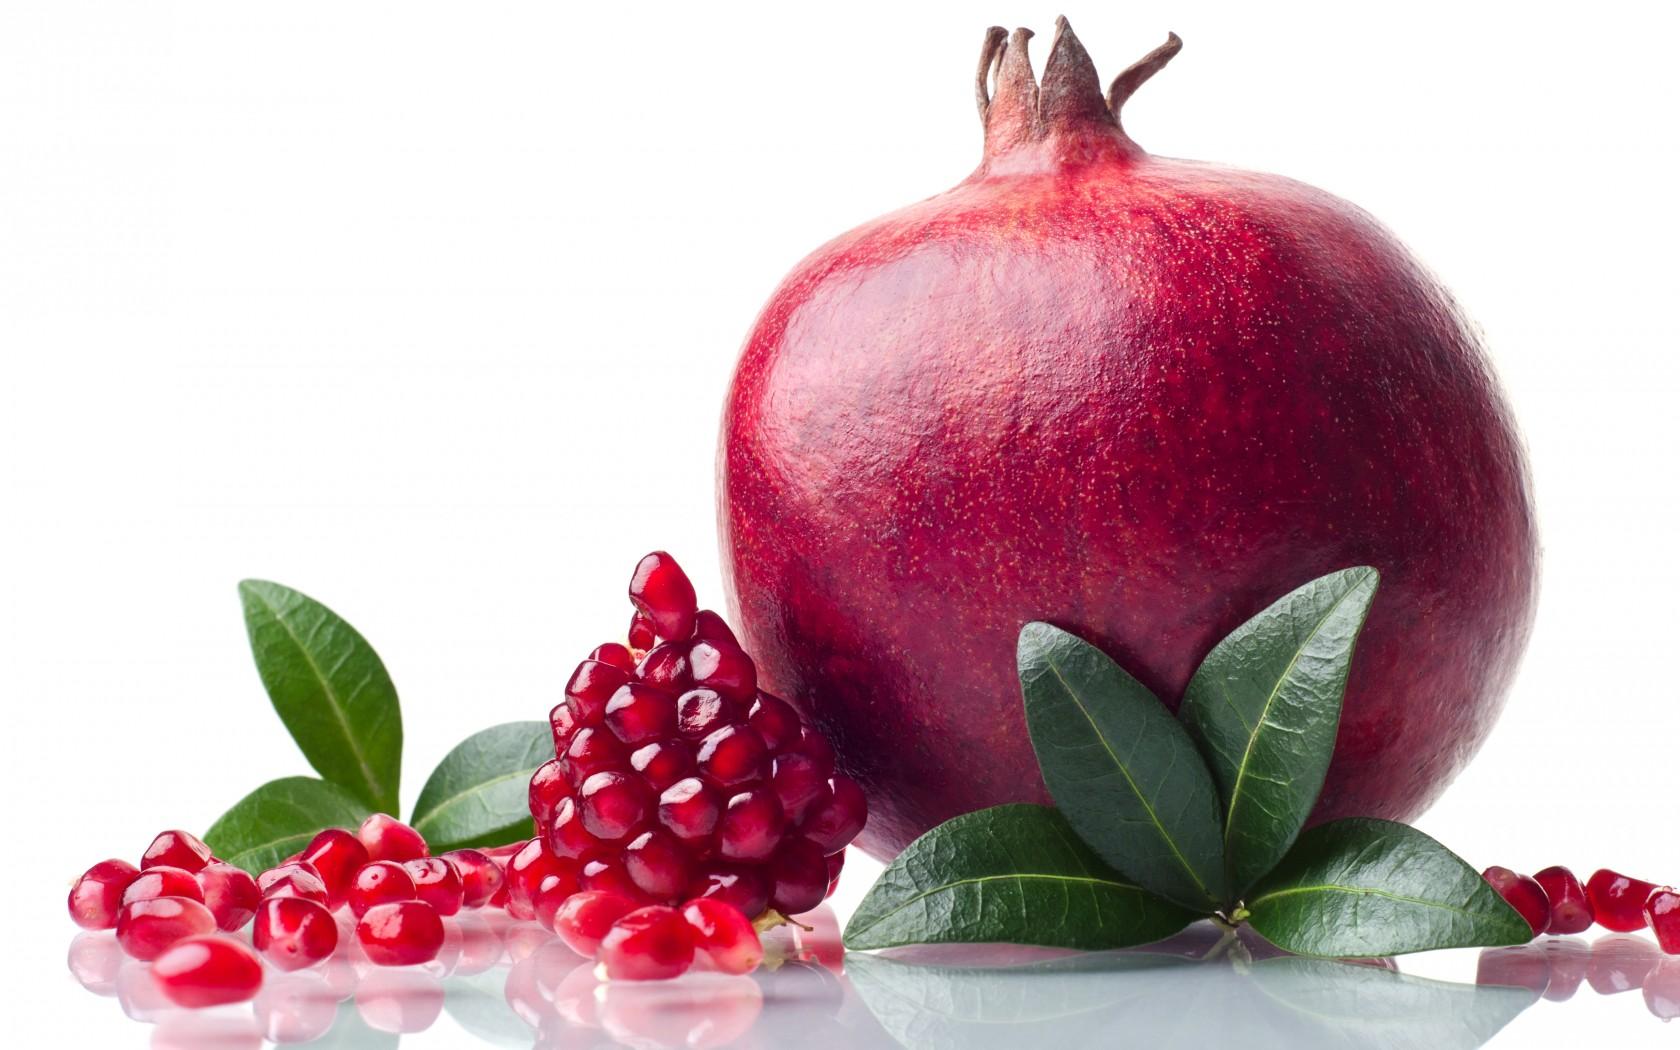 листья и плод